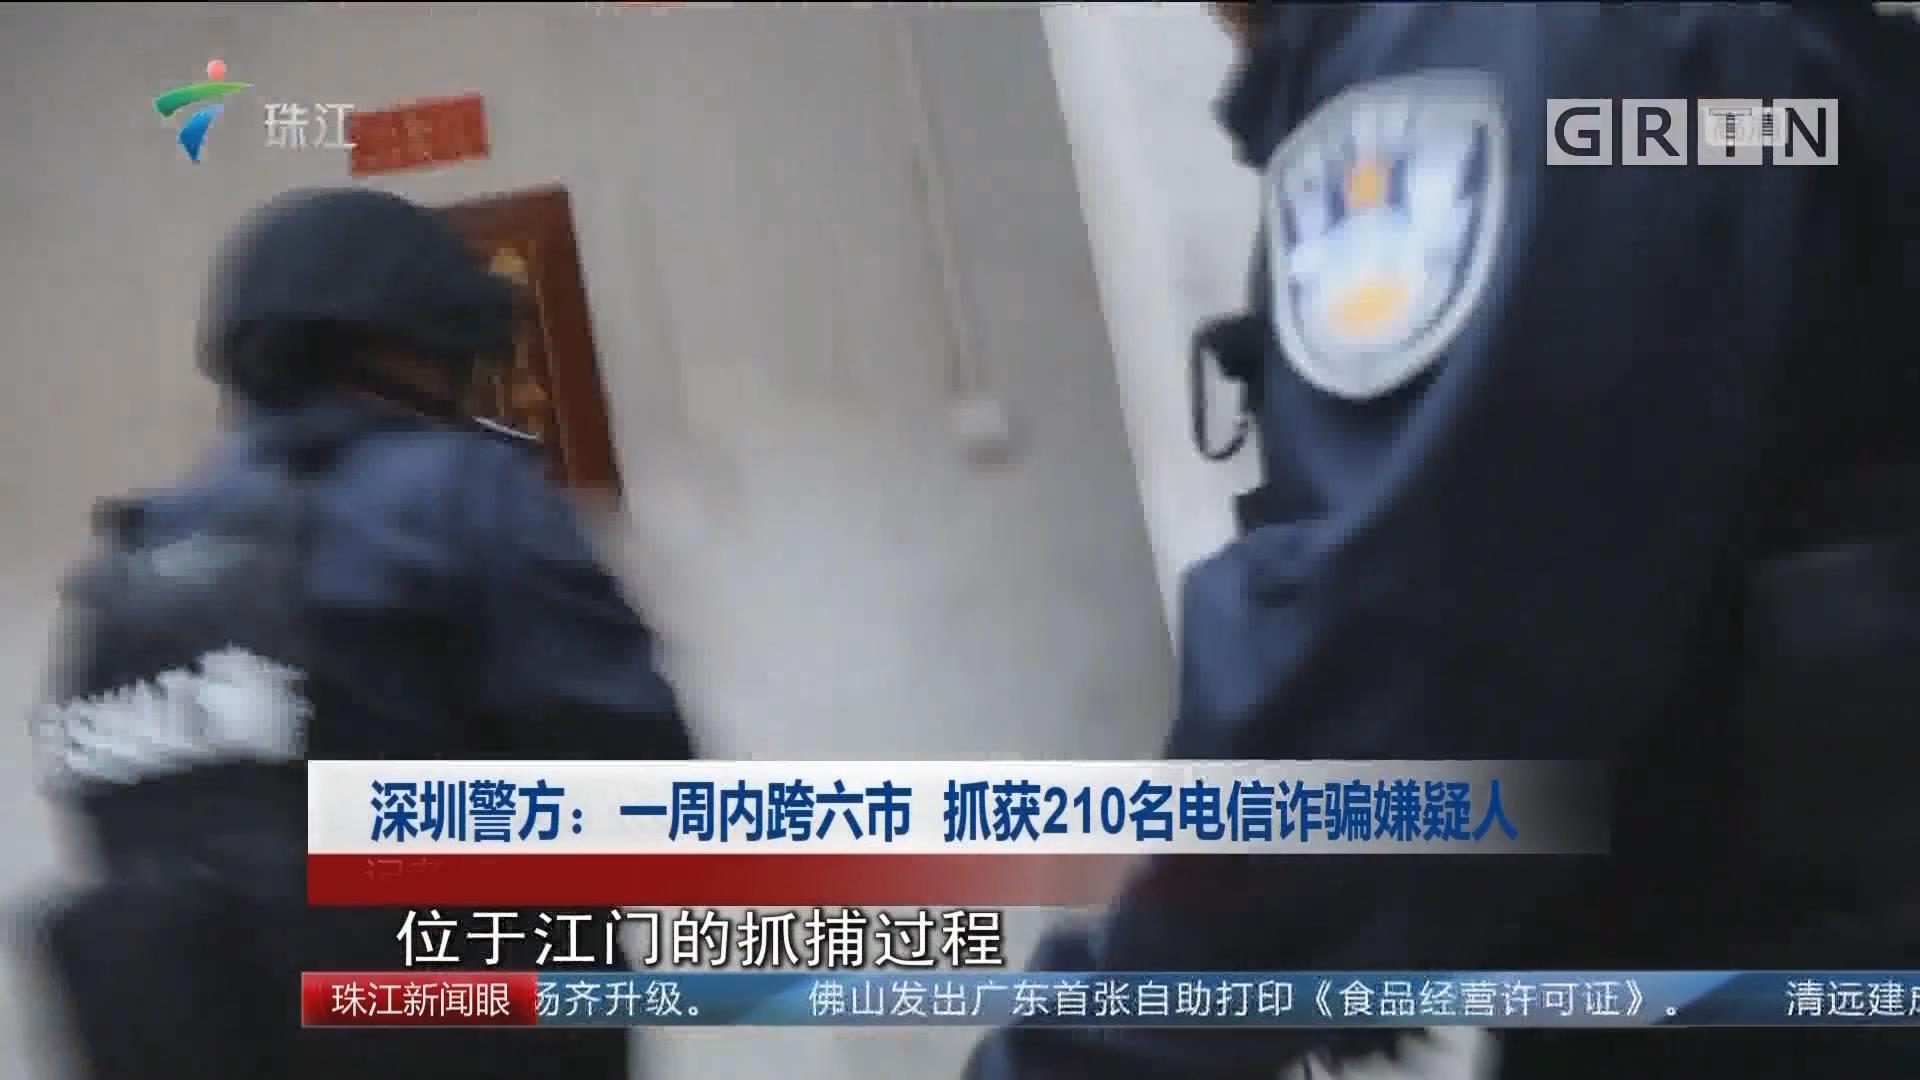 深圳警方:一周内跨六市 抓获210名电信诈骗嫌疑人